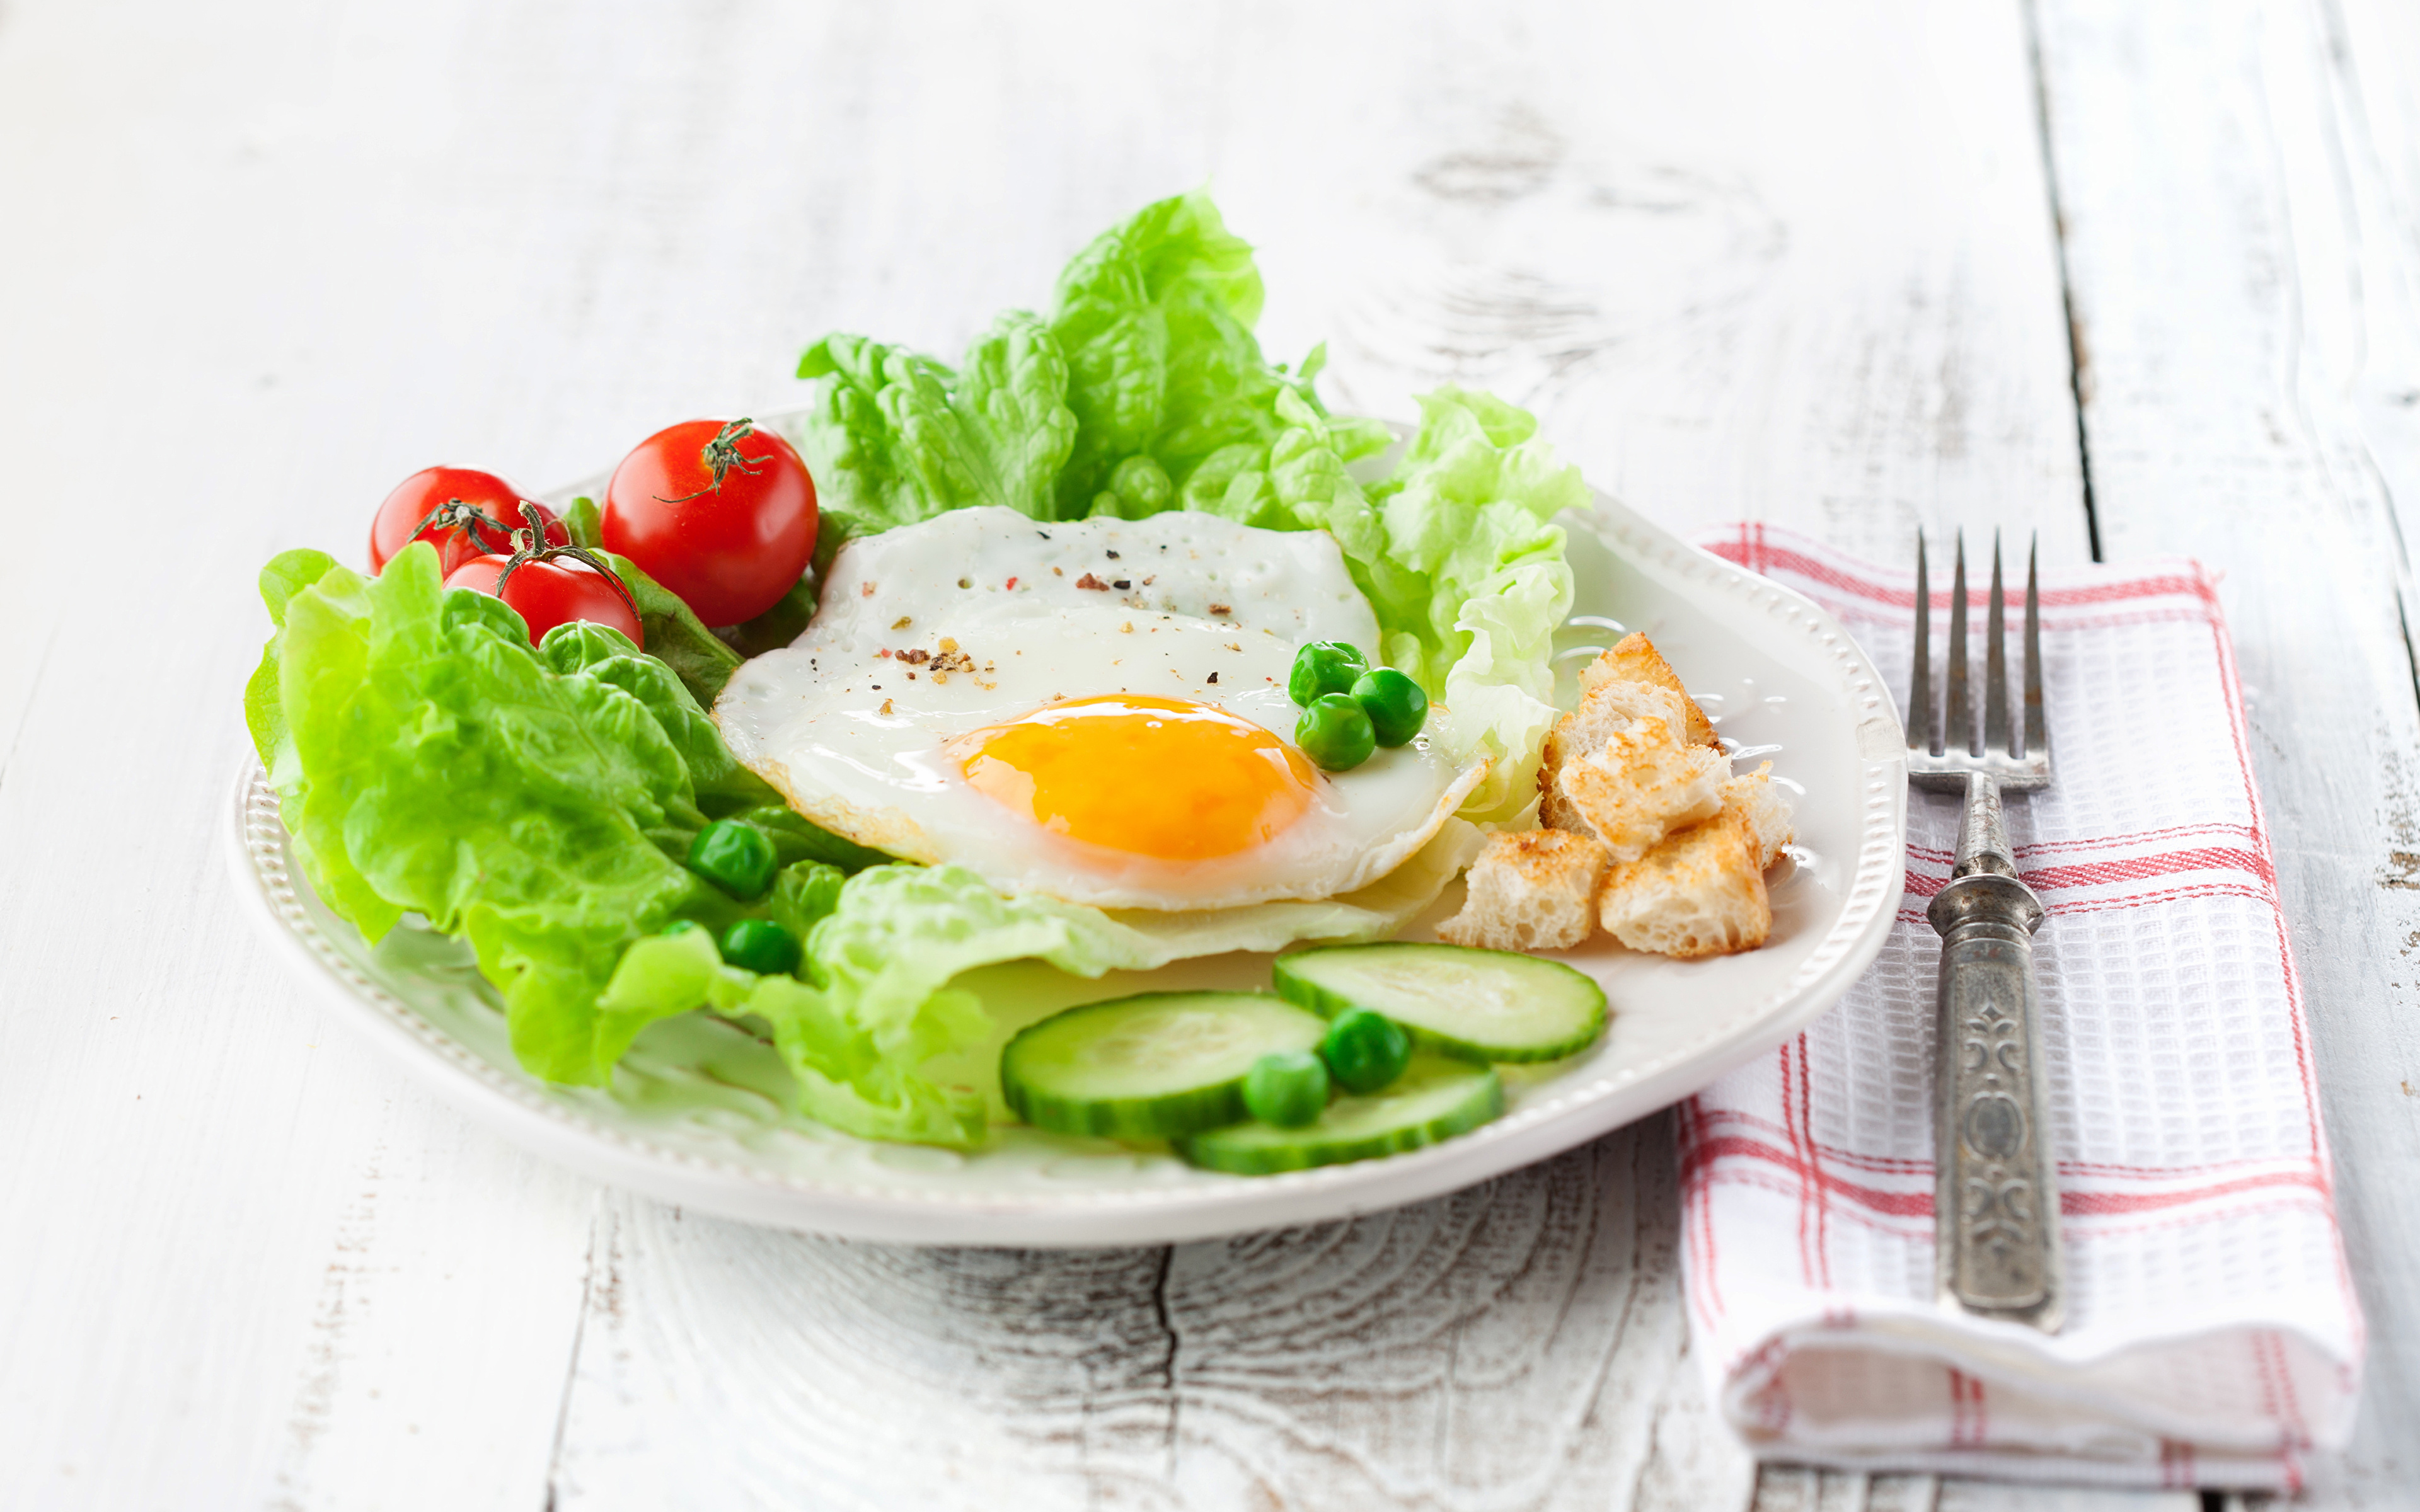 Диета Завтрак Яичница. Всегда ли нельзя есть жареное при похудении, или есть исключения из правил?